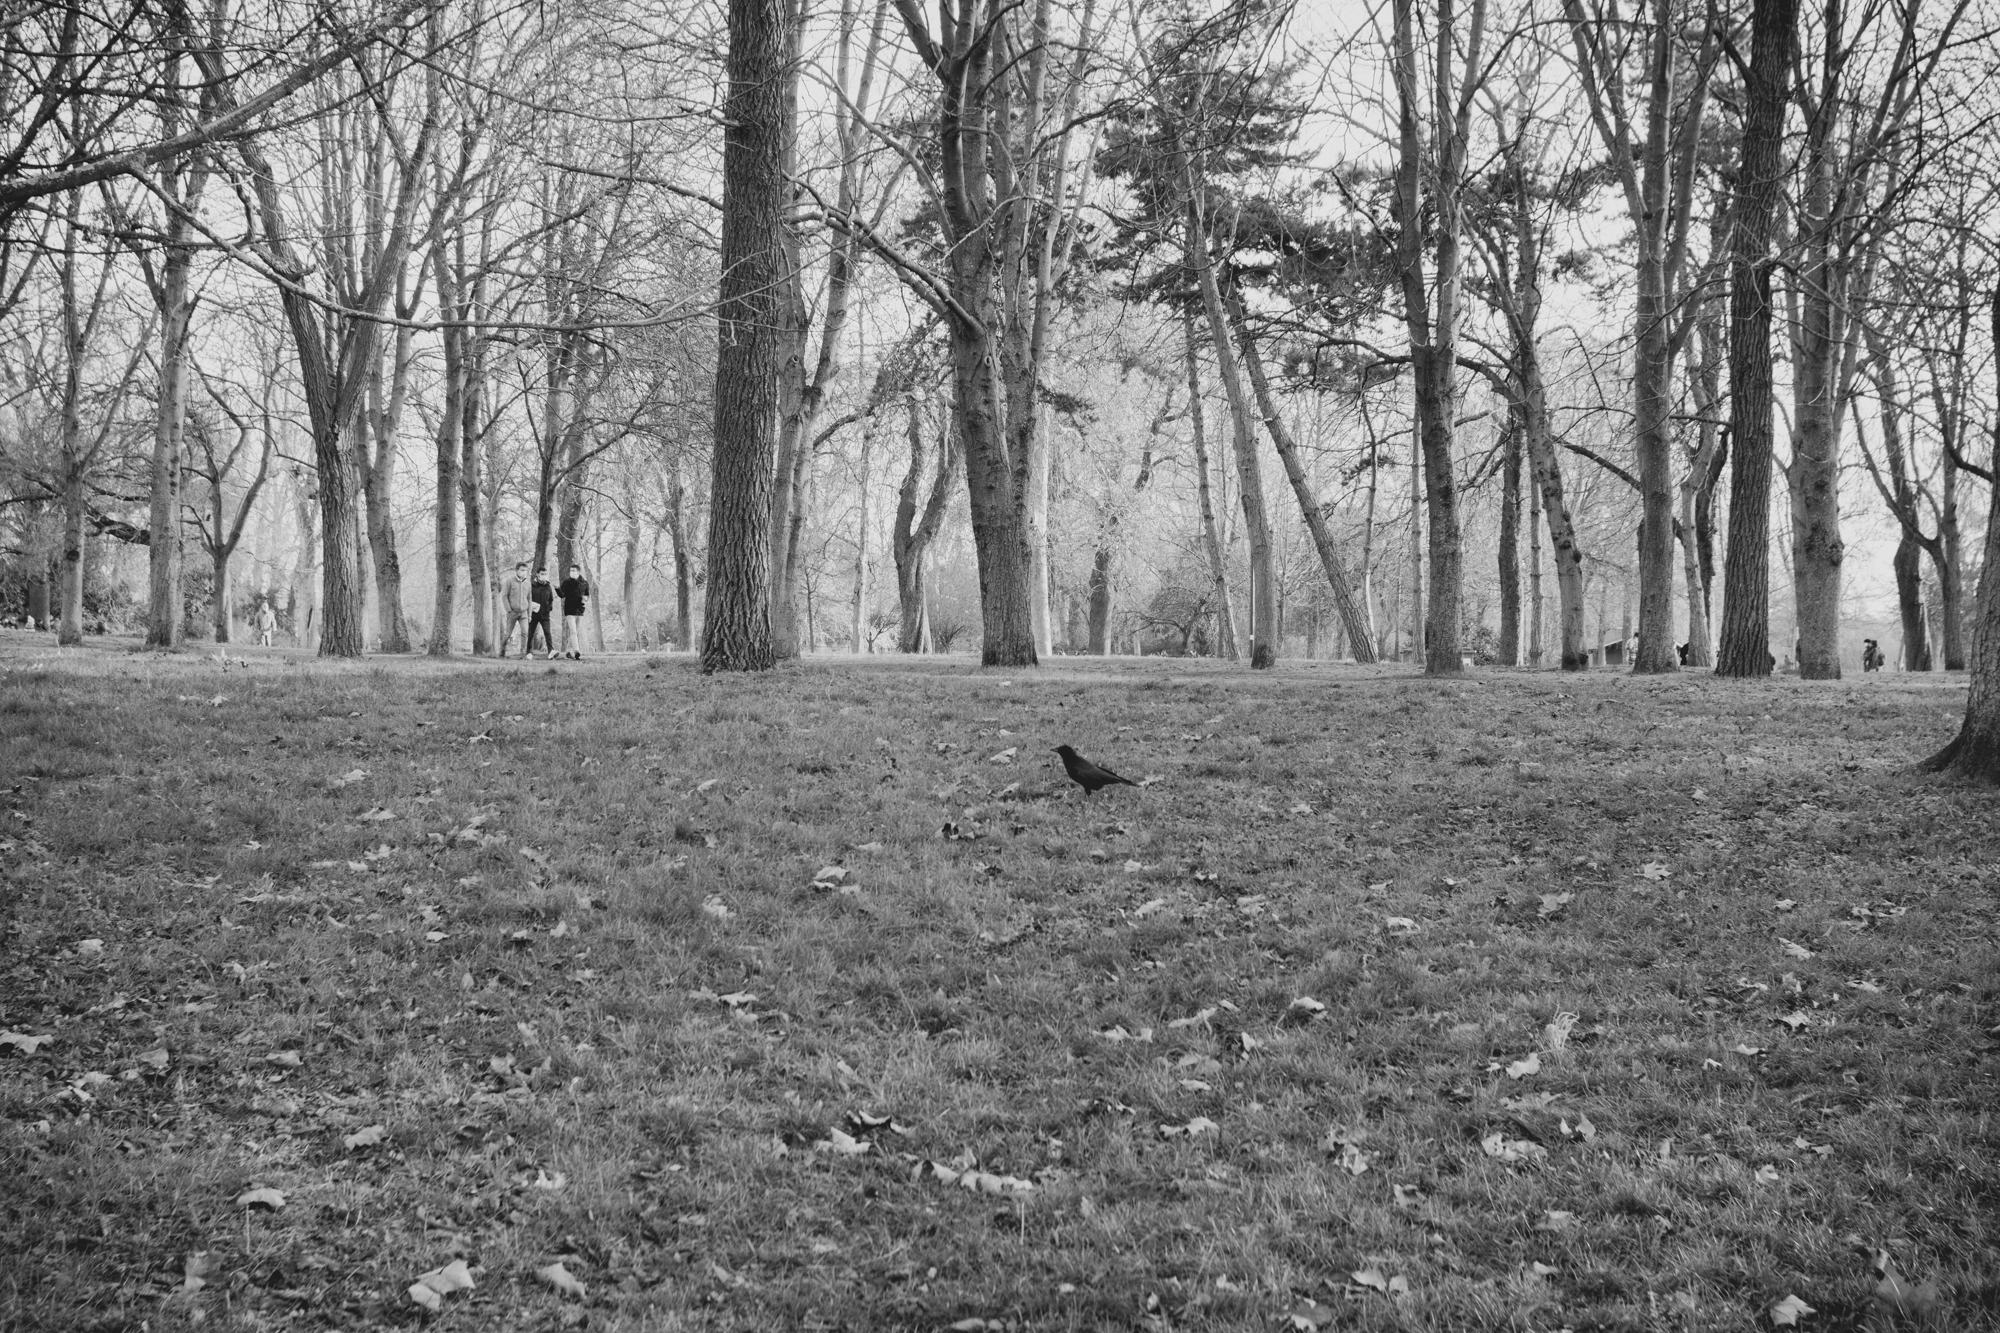 Des arbres présents